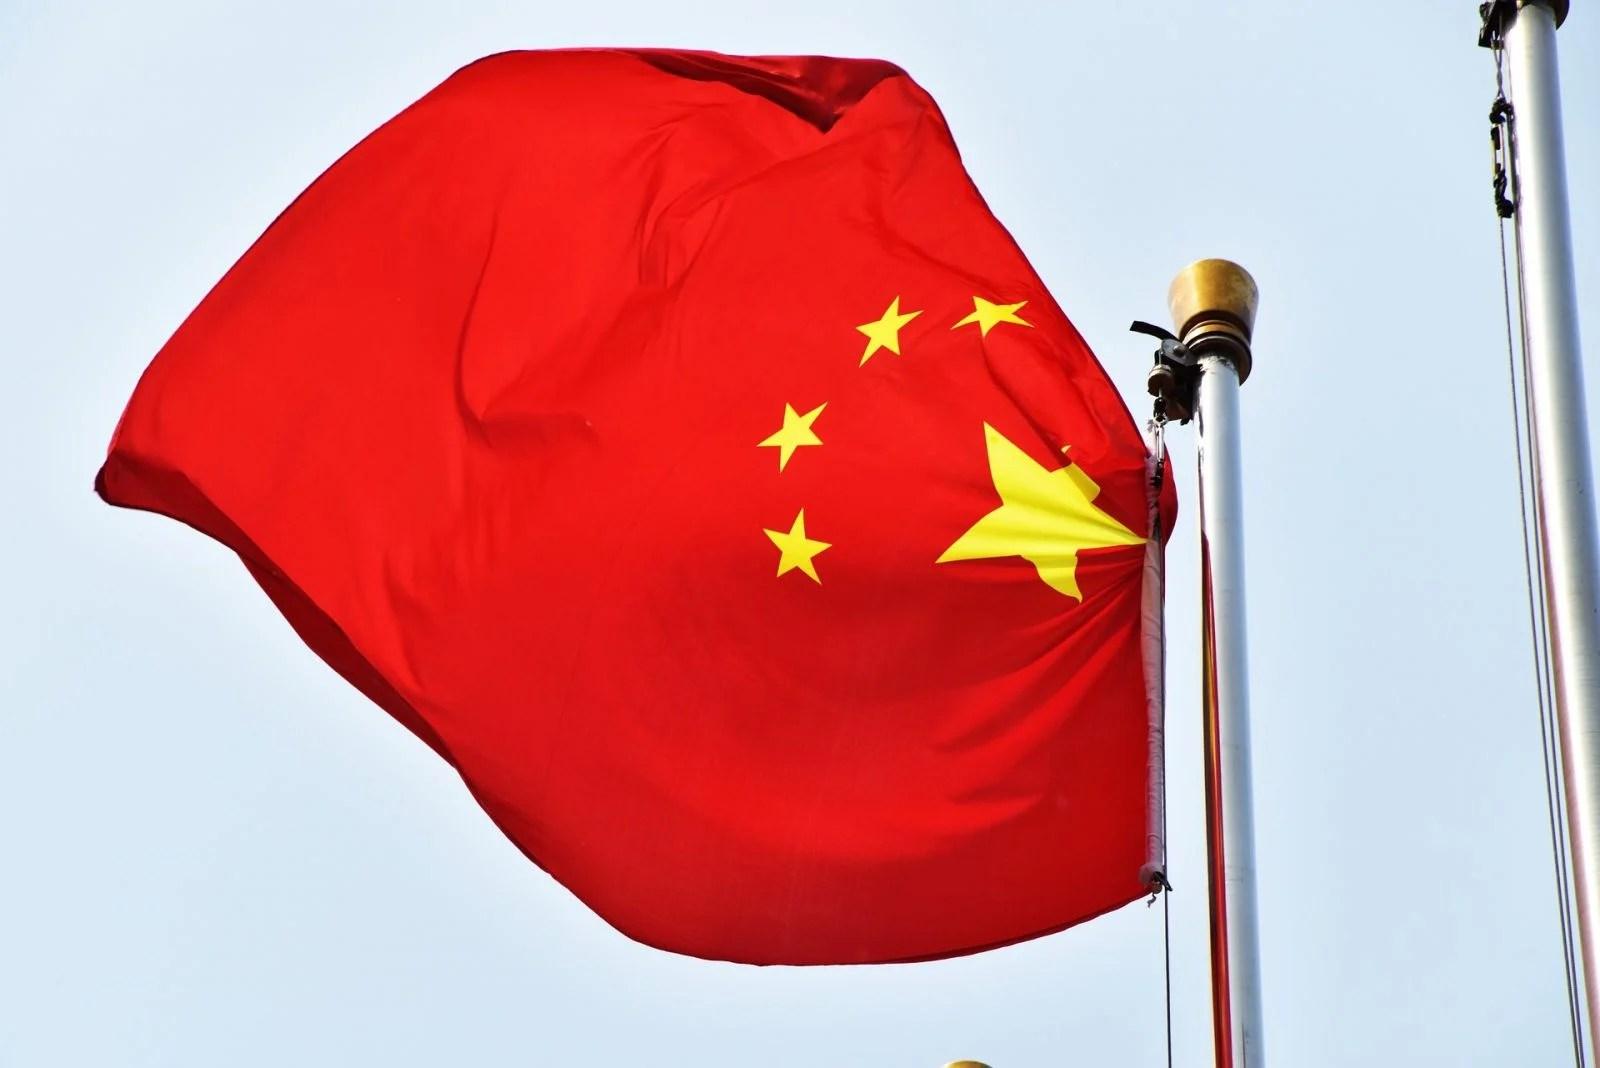 La Chine a installé des logiciels espions sur des smartphones aux frontières